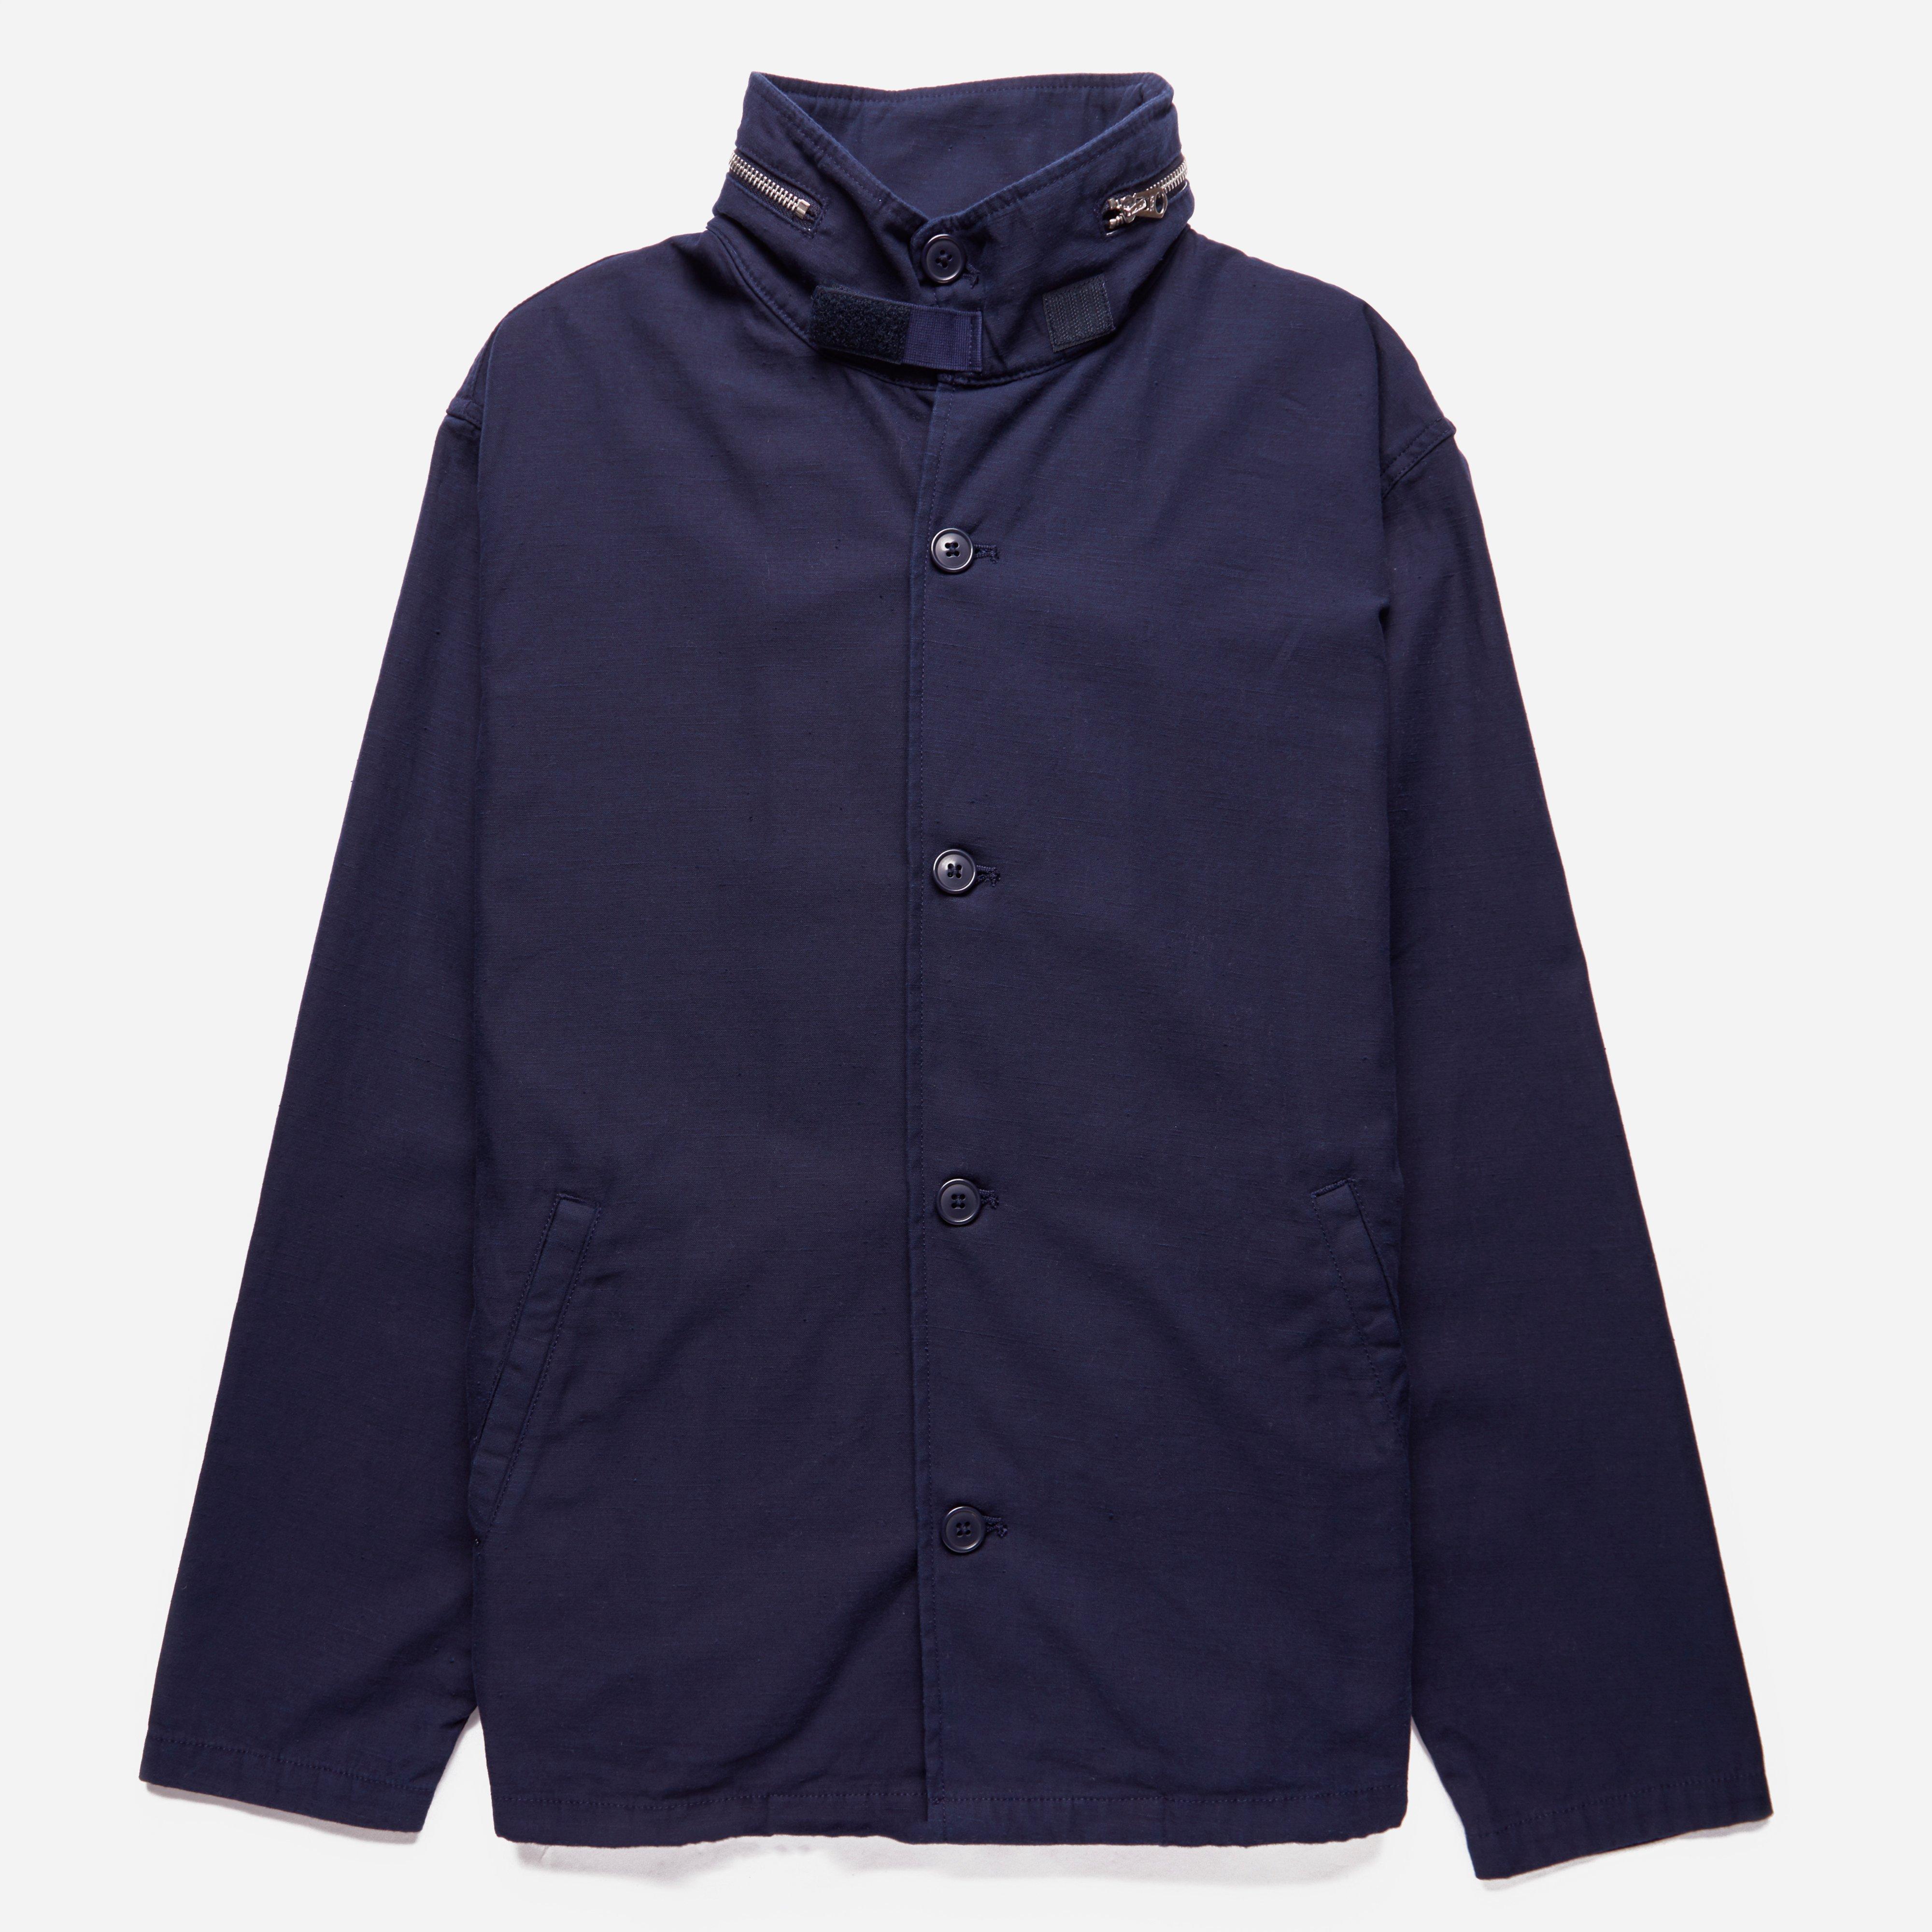 Garbstore M65 Coach Jacket